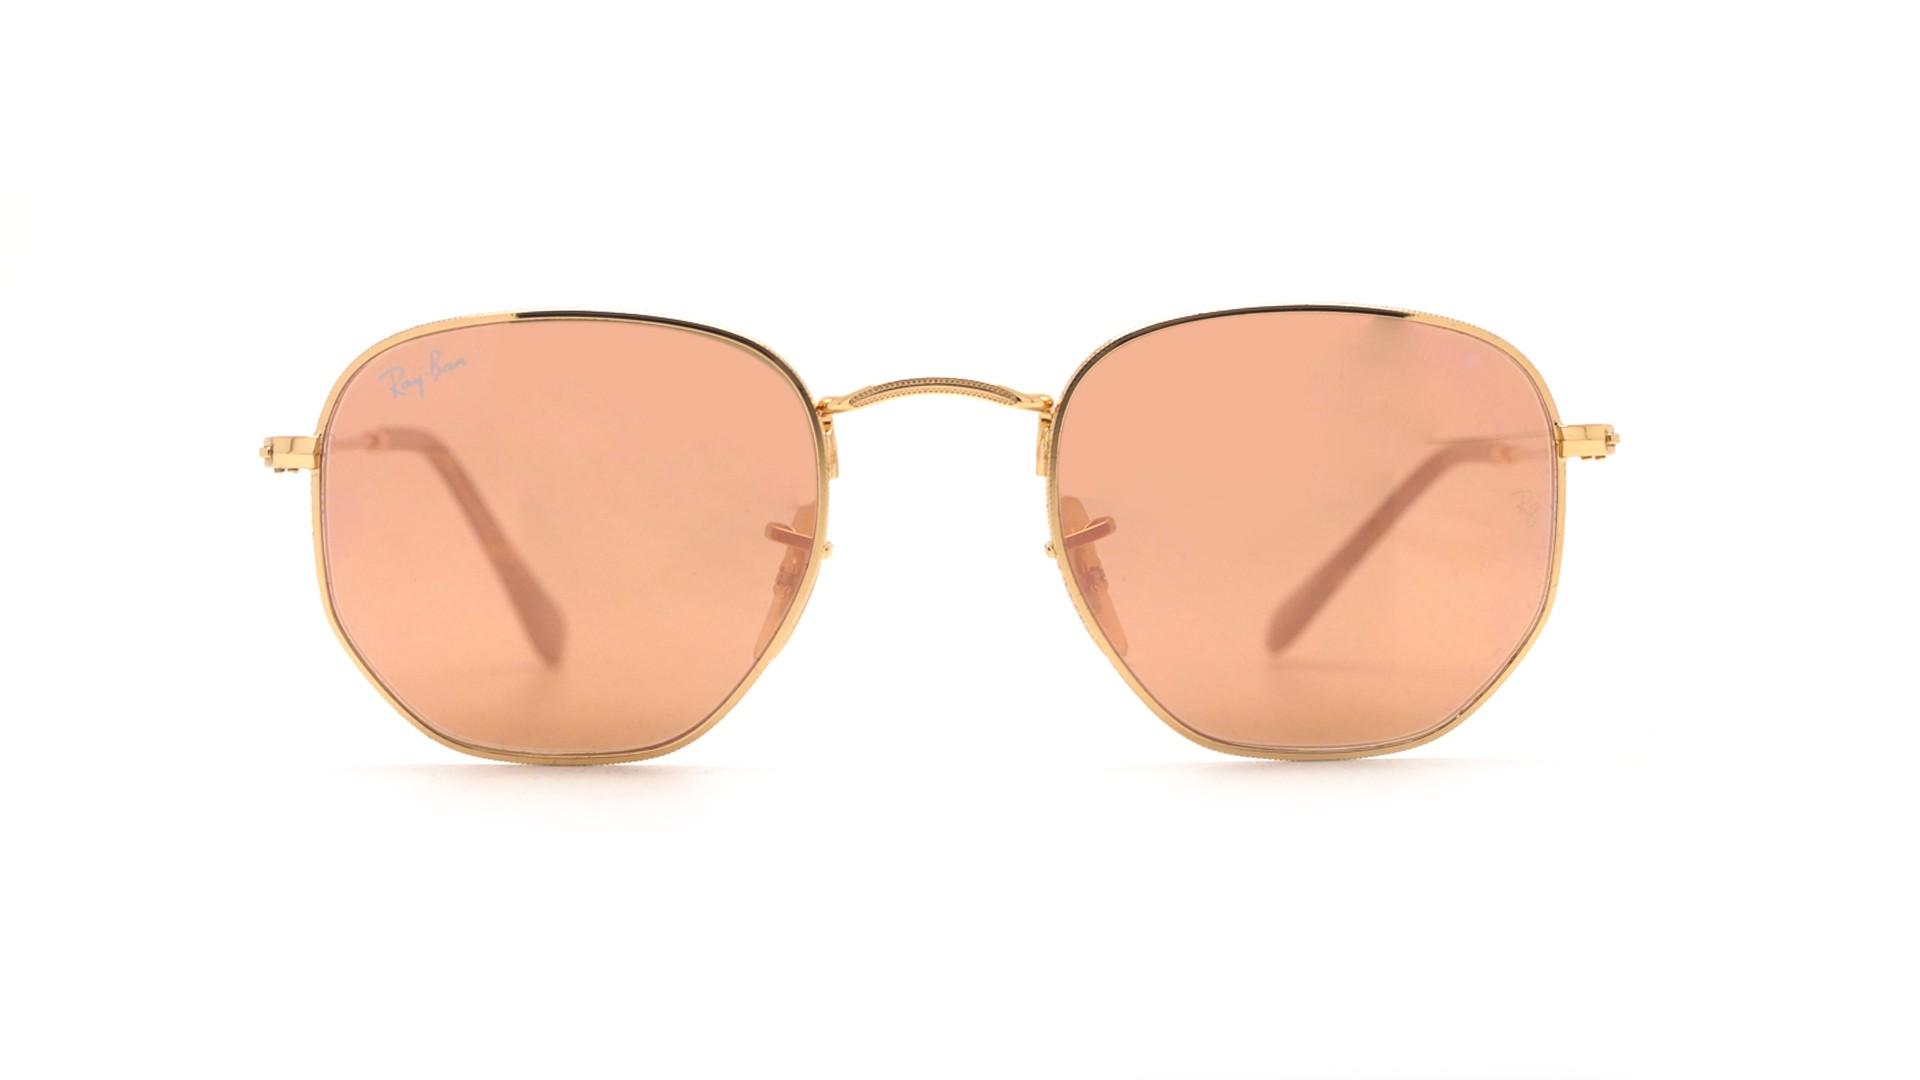 dcabe1e419 ray ban sunglasses hexagon